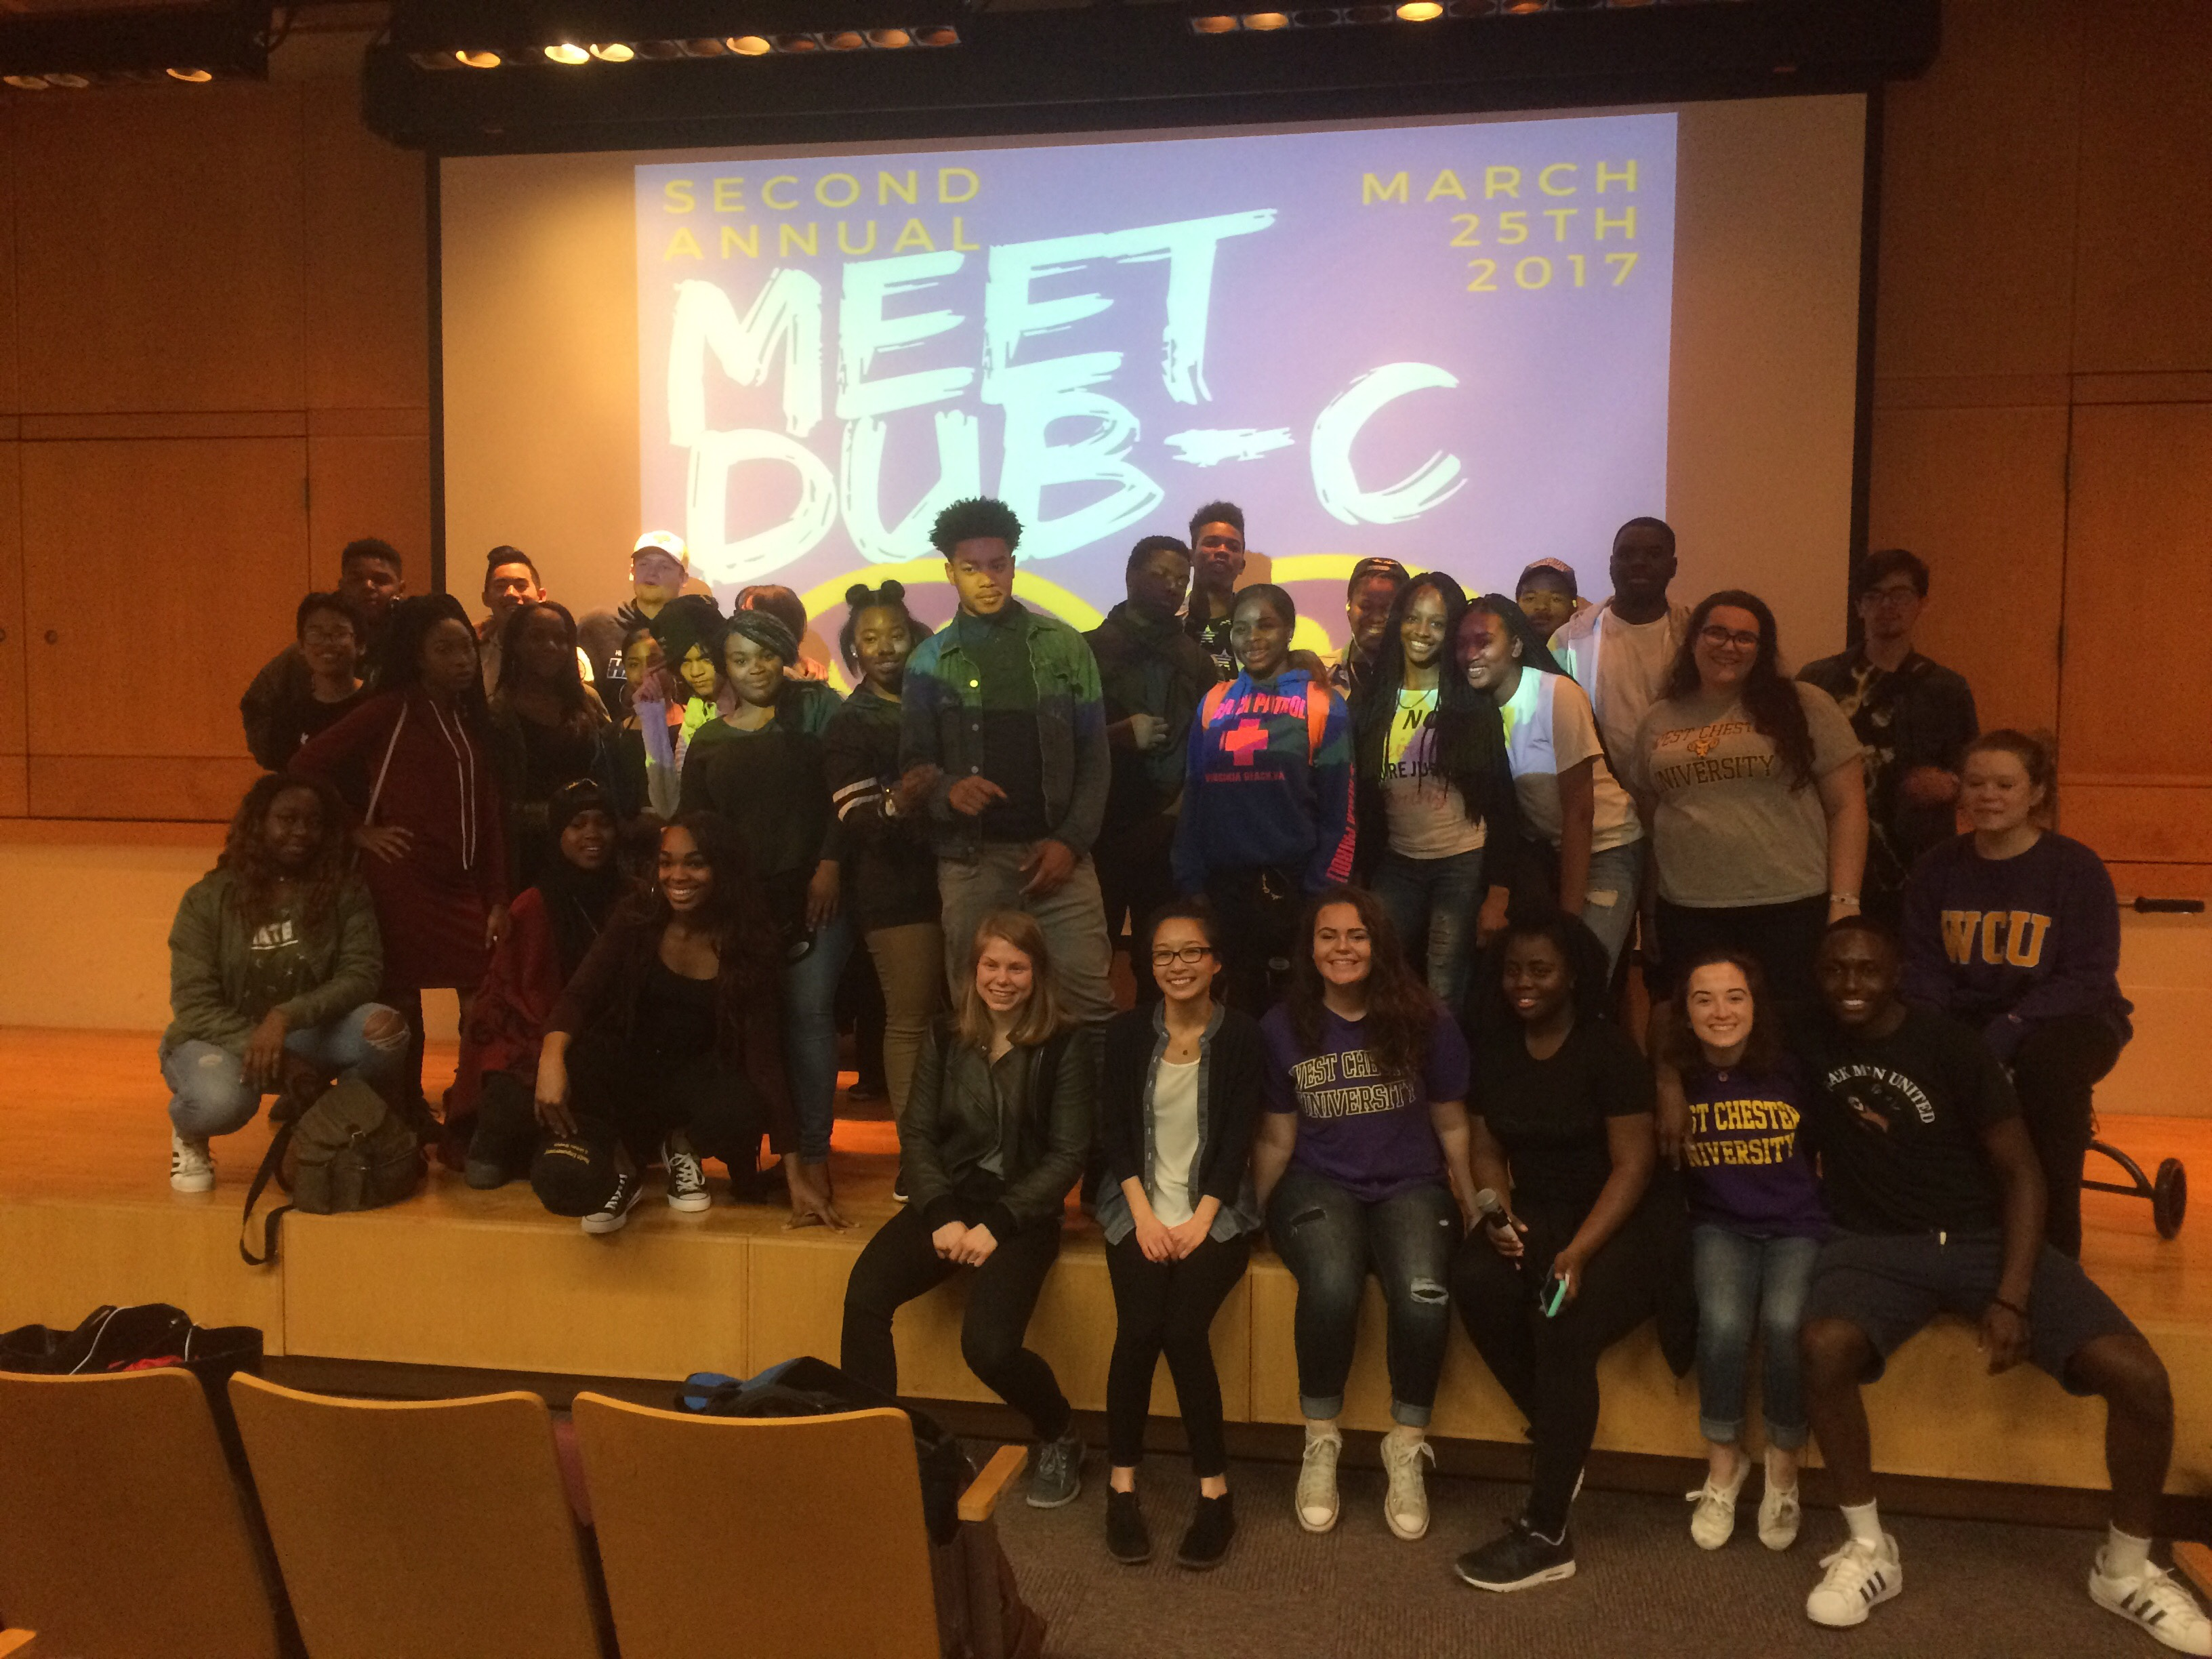 meetdubc 2017